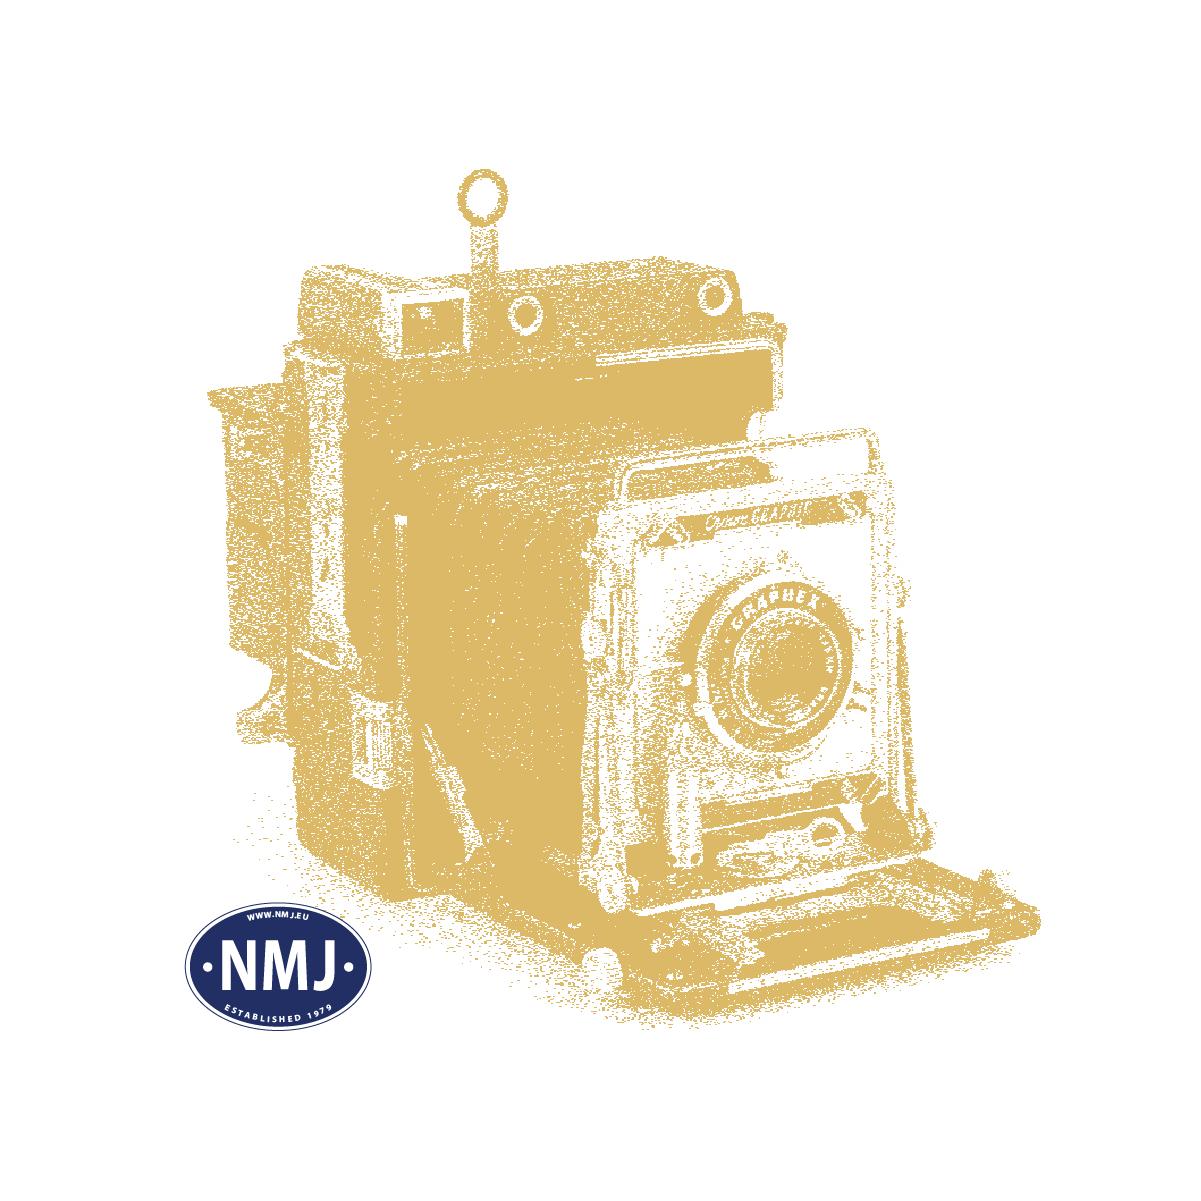 NMJT204.002 - NMJ Topline SJ B1.4816, 2 Kl. Personvogn, rund SJ logo